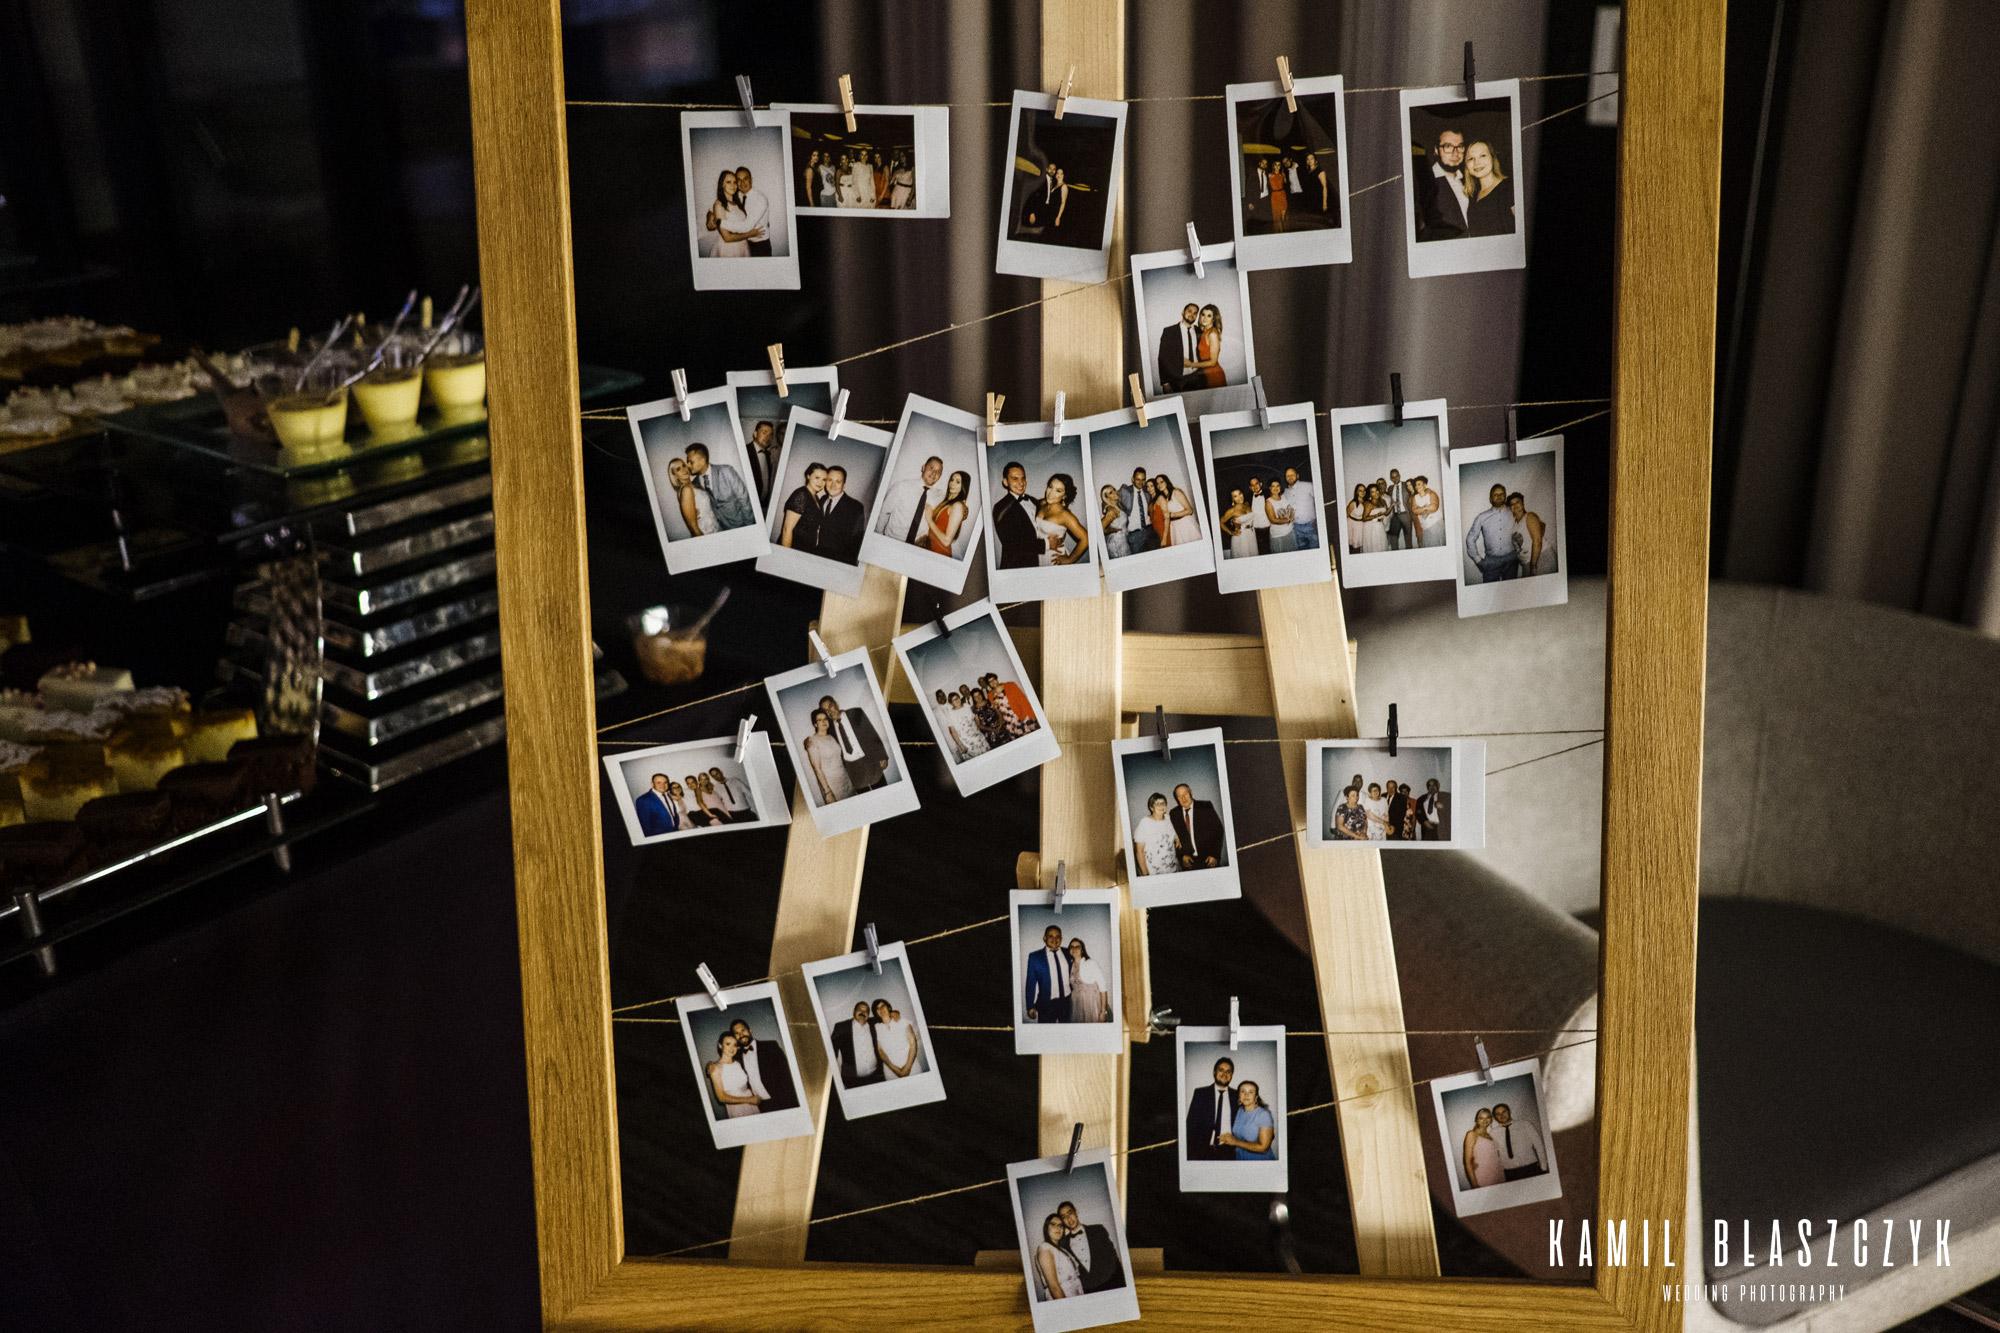 fotografia natychmiastowa - instax i polaroid na weselu